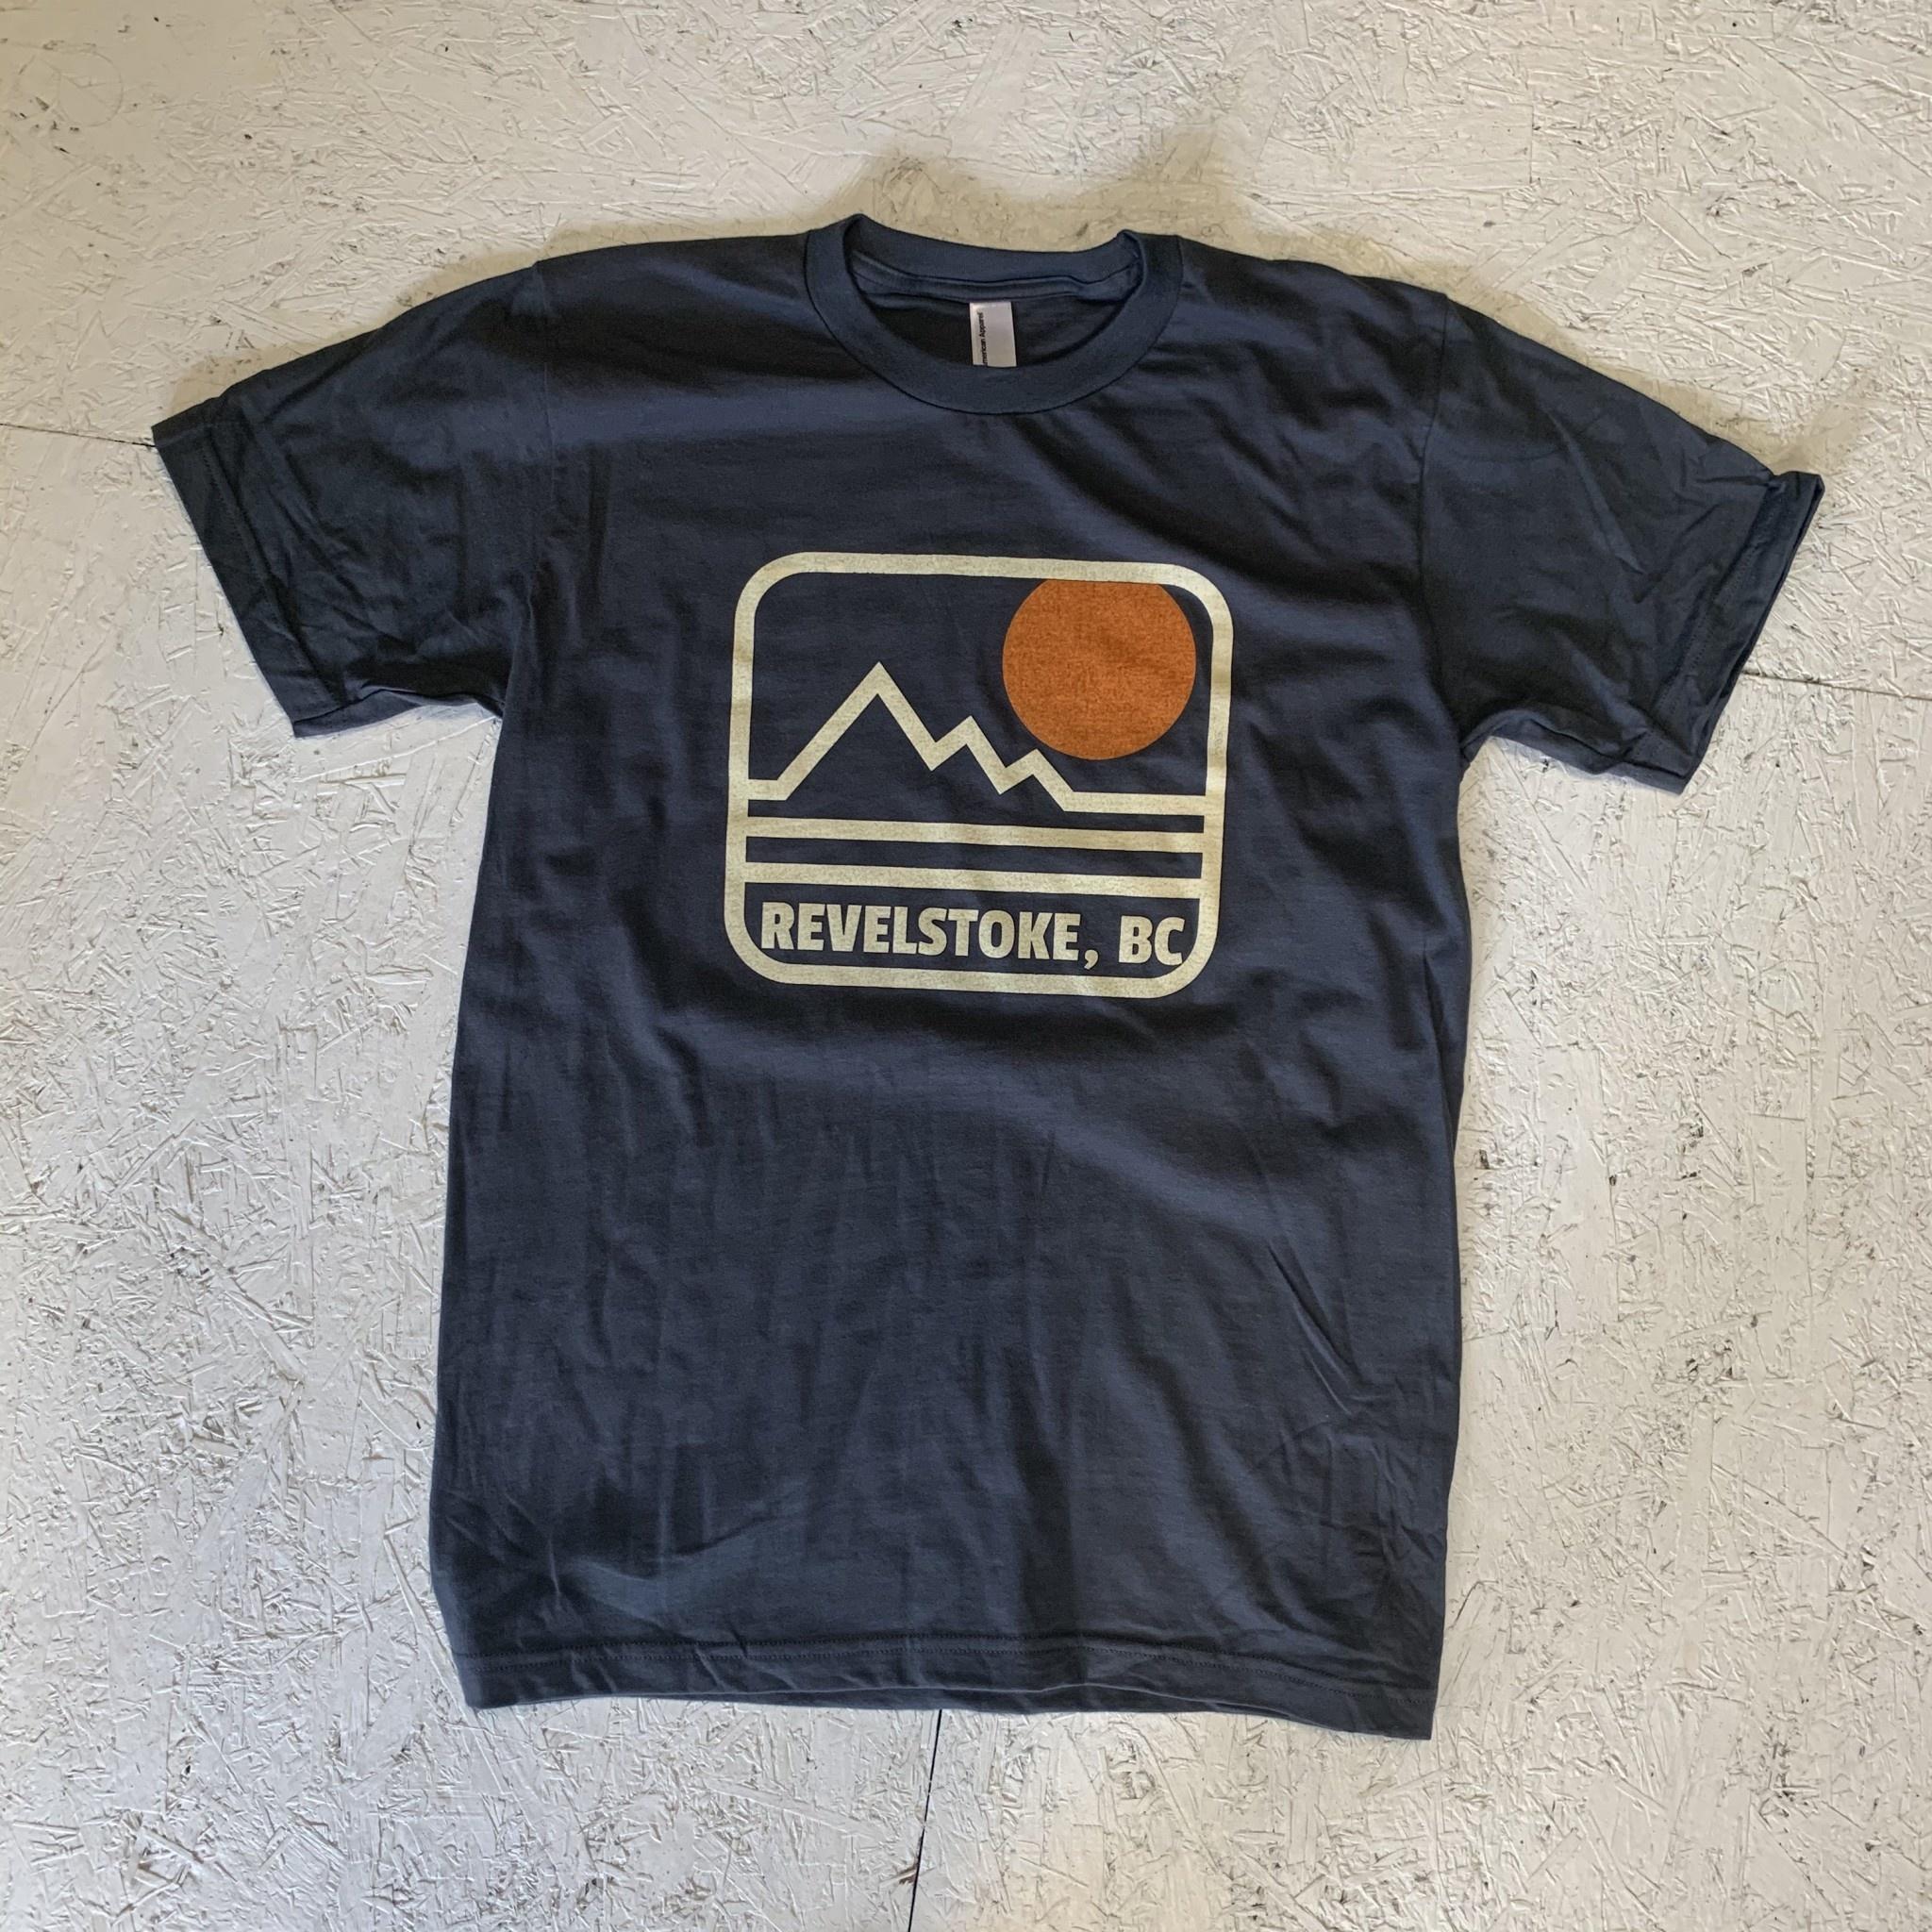 Trading Co. Revelstoke - Retro Tee